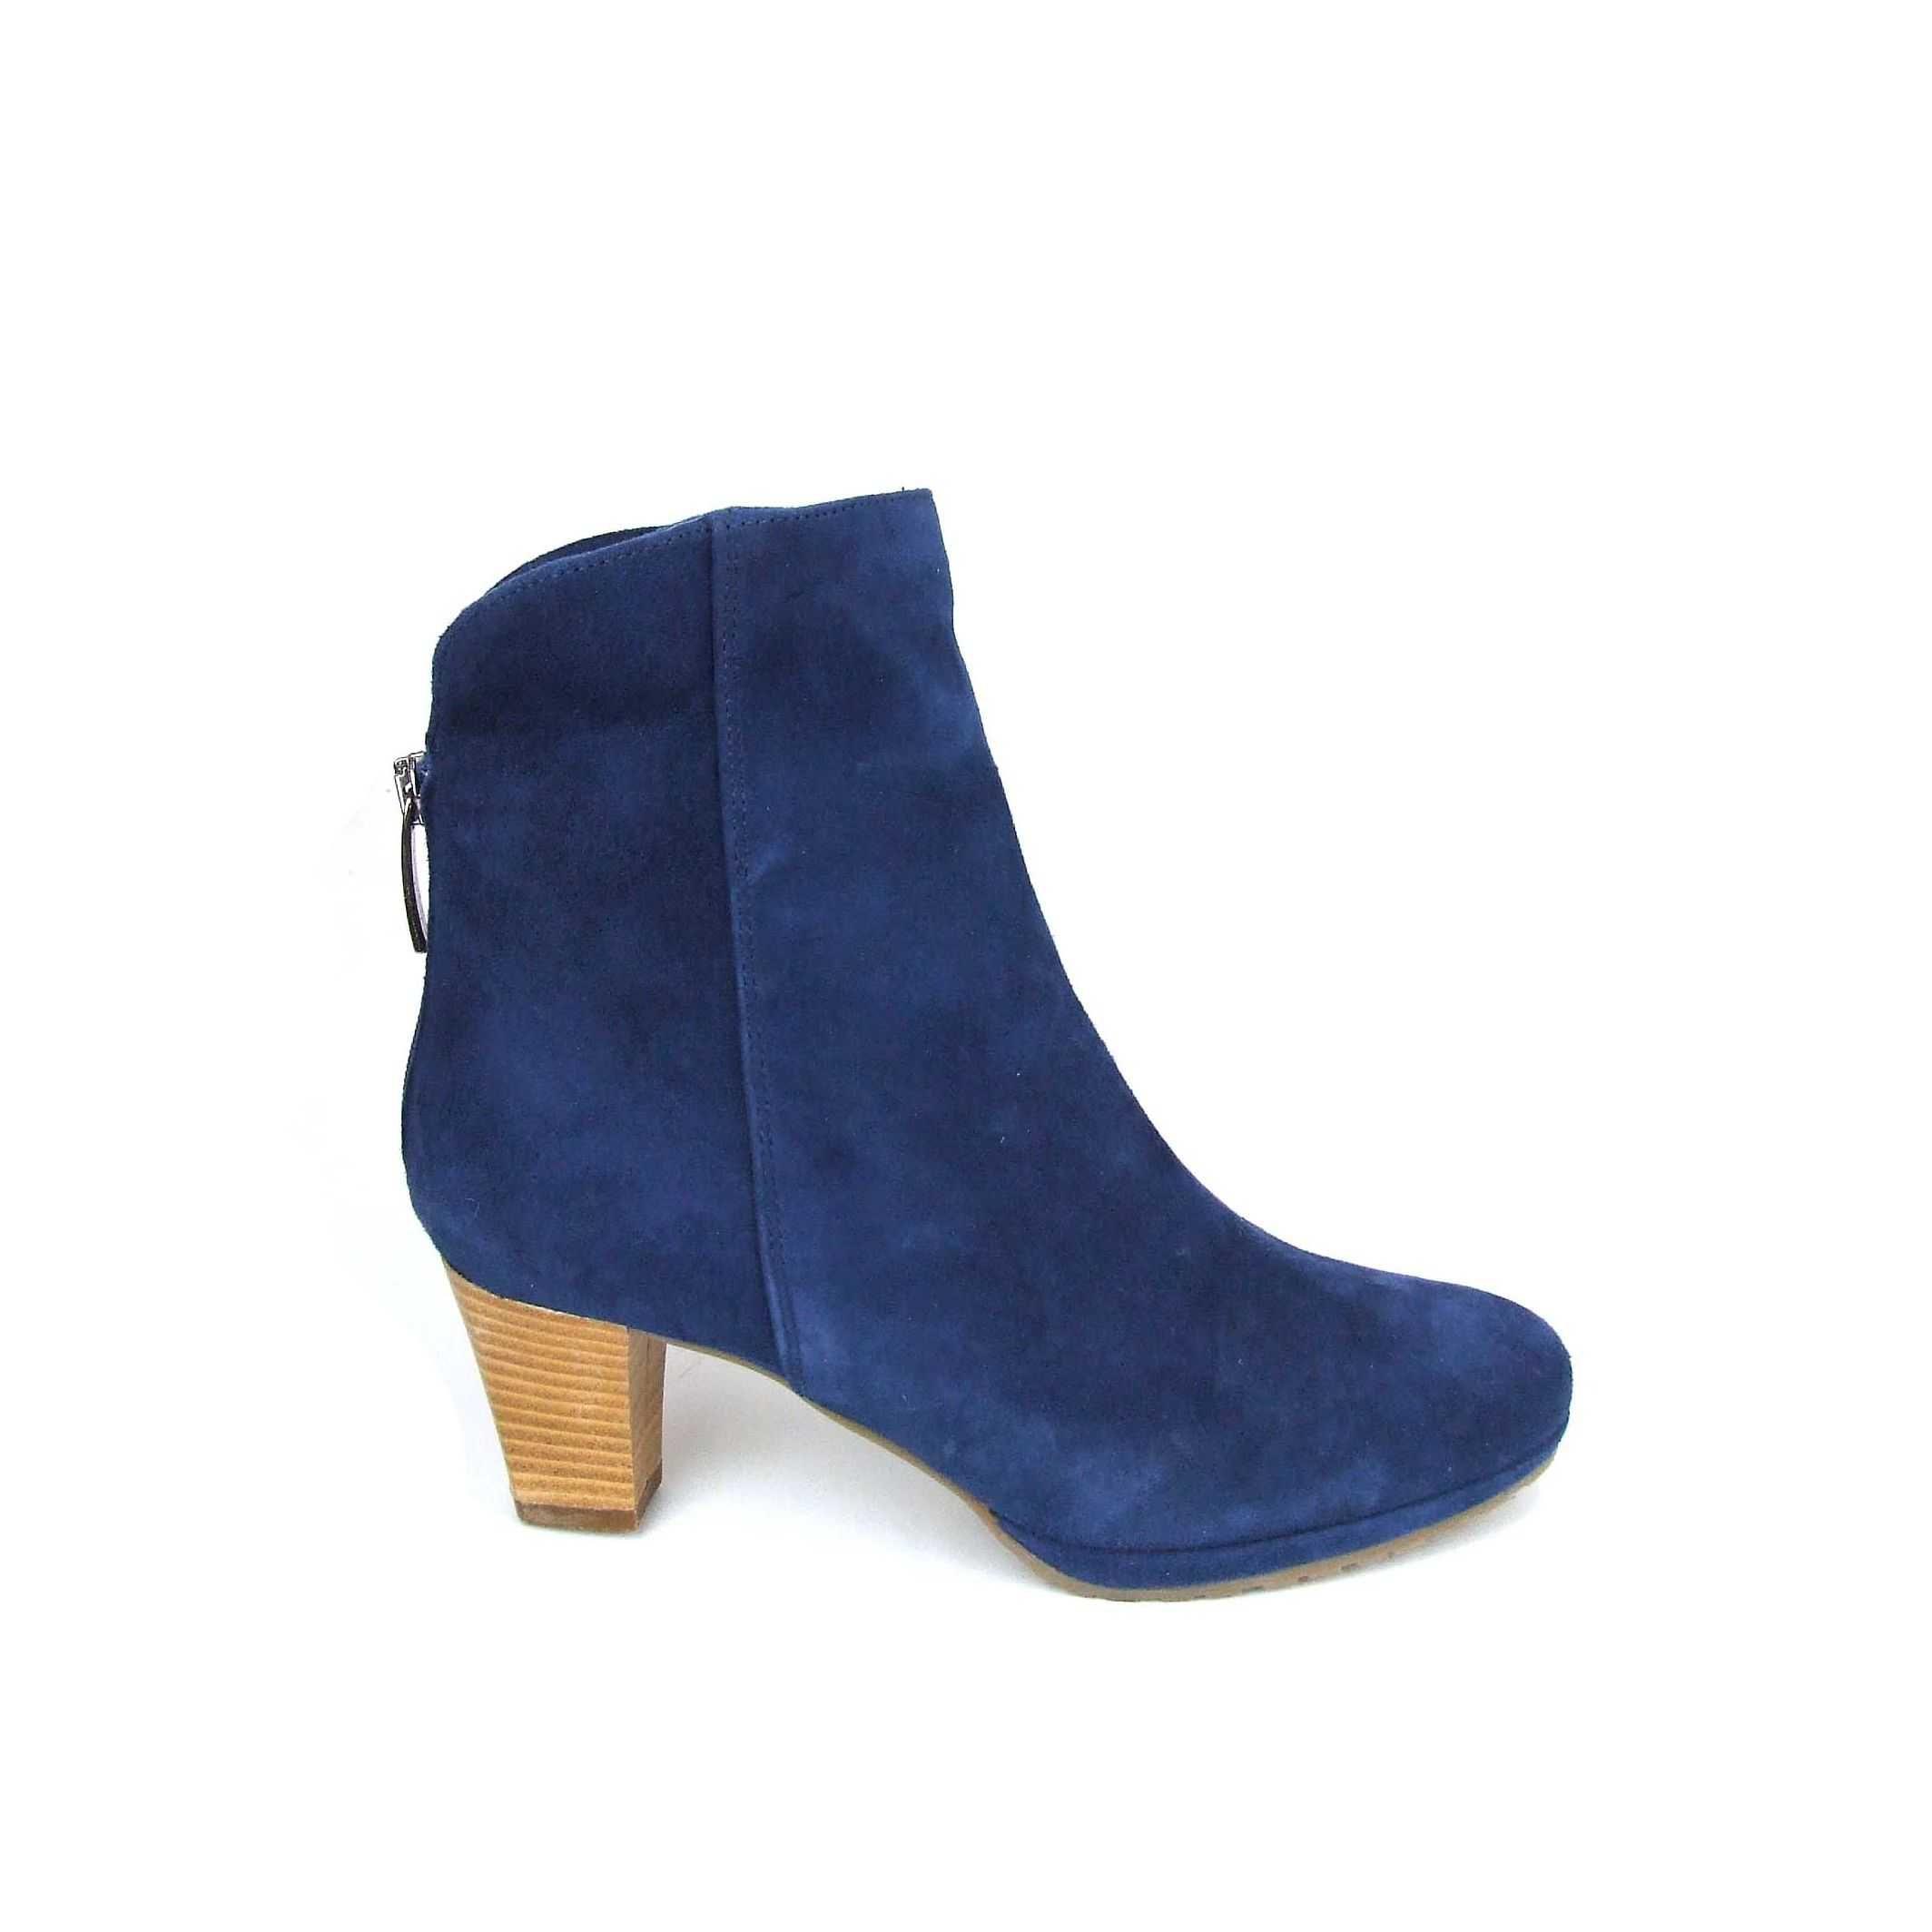 Begetti enkellaars   damesschoen   Blauw bij Shoehoo